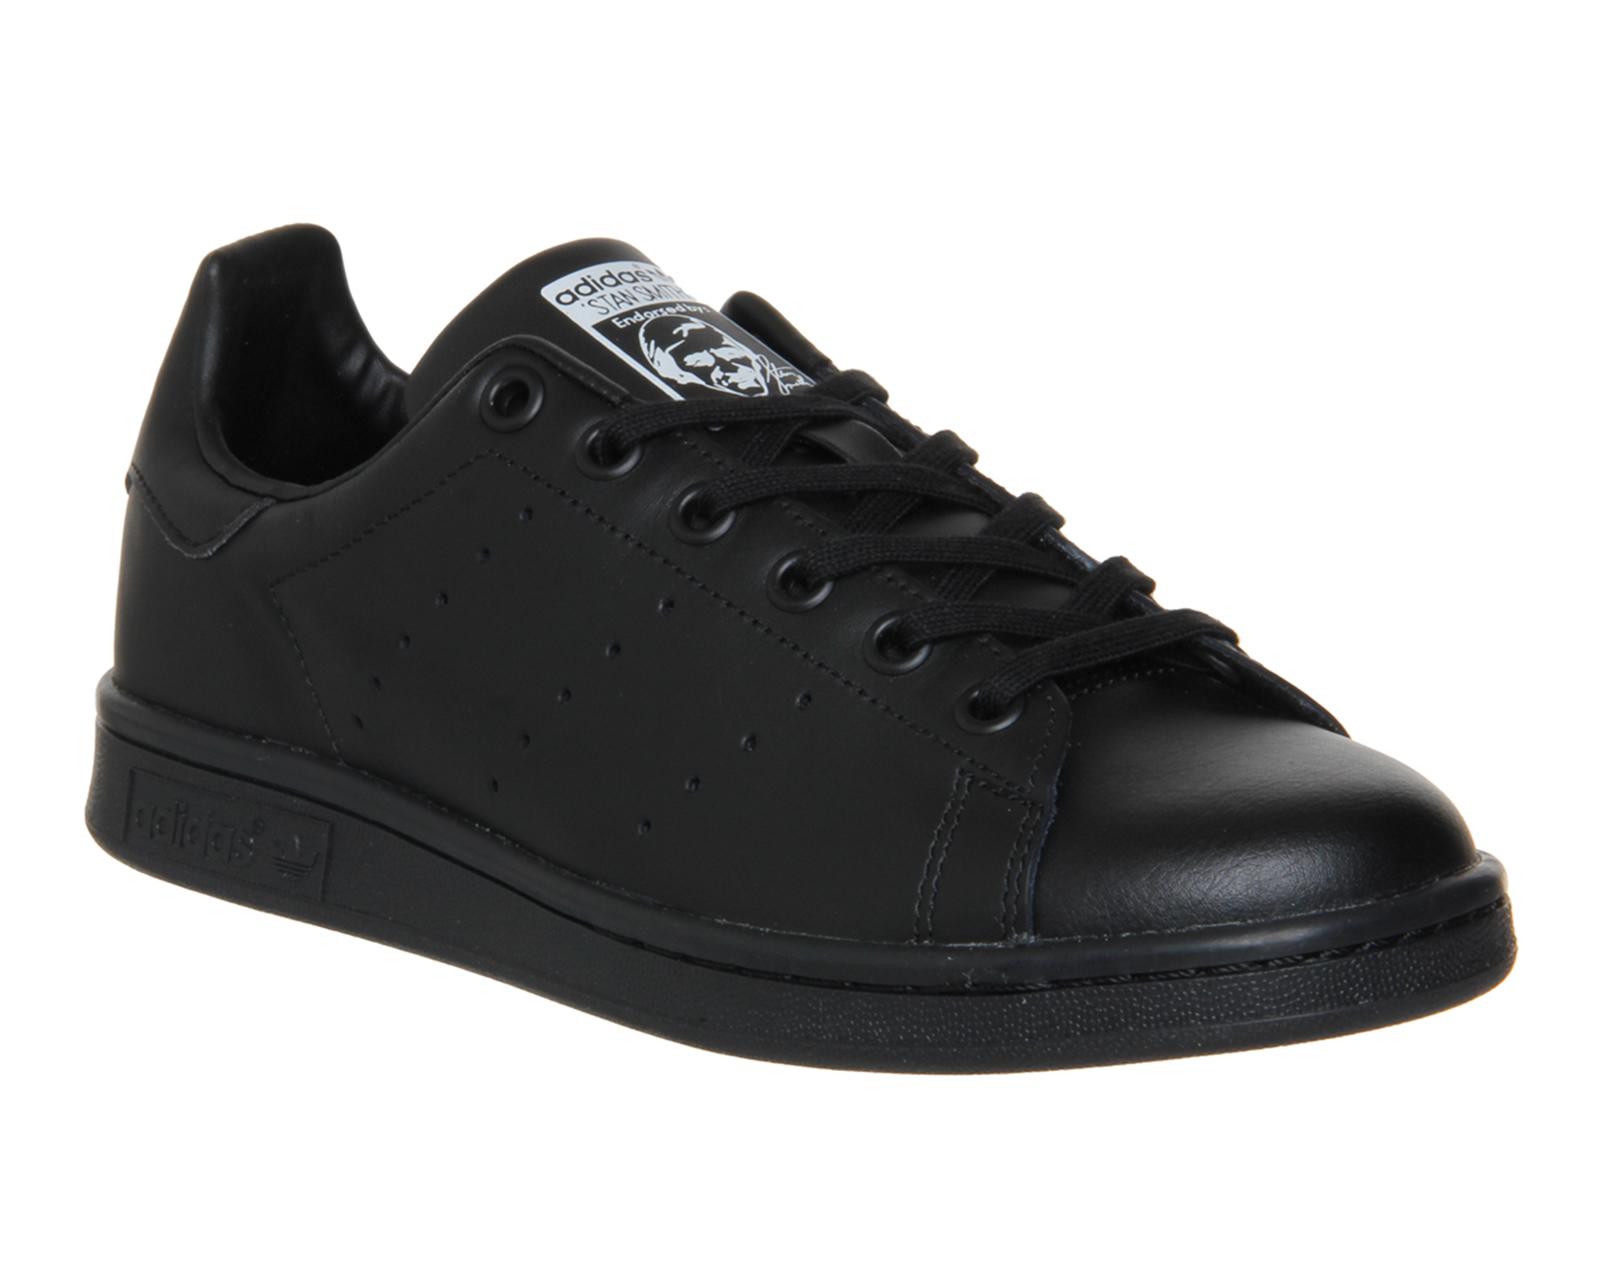 Adidas Stan Smith Lacet Mono Adidas : Janel chaussures, chausseur dans le 92, bottes, bottins, grandes marques et petit prix